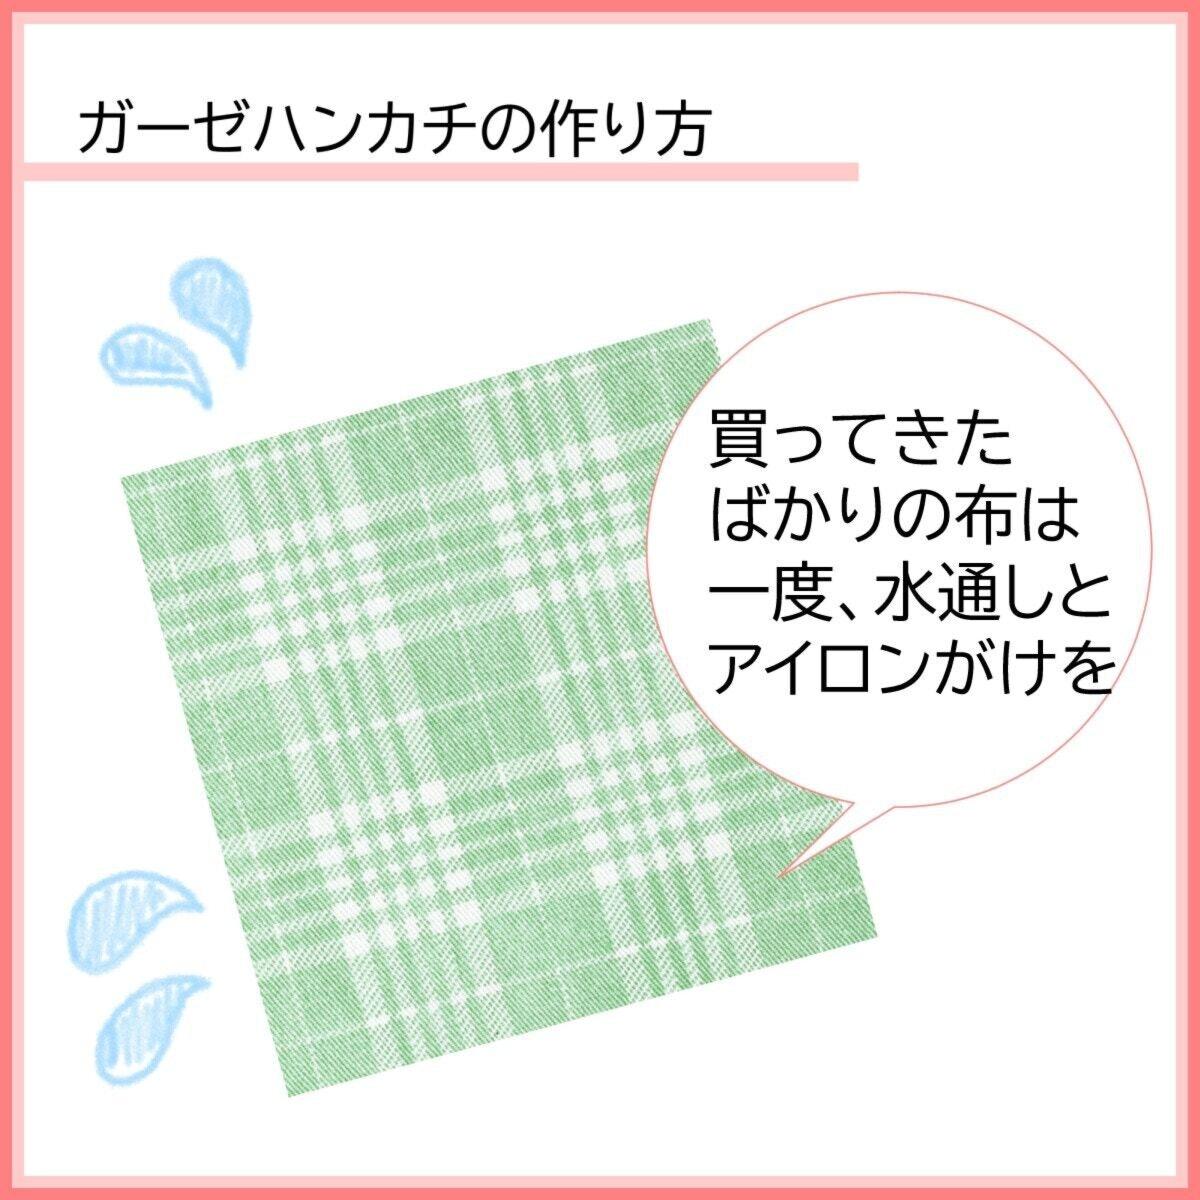 ガーゼハンカチの作り方:布は水通しとアイロンがけをしておく